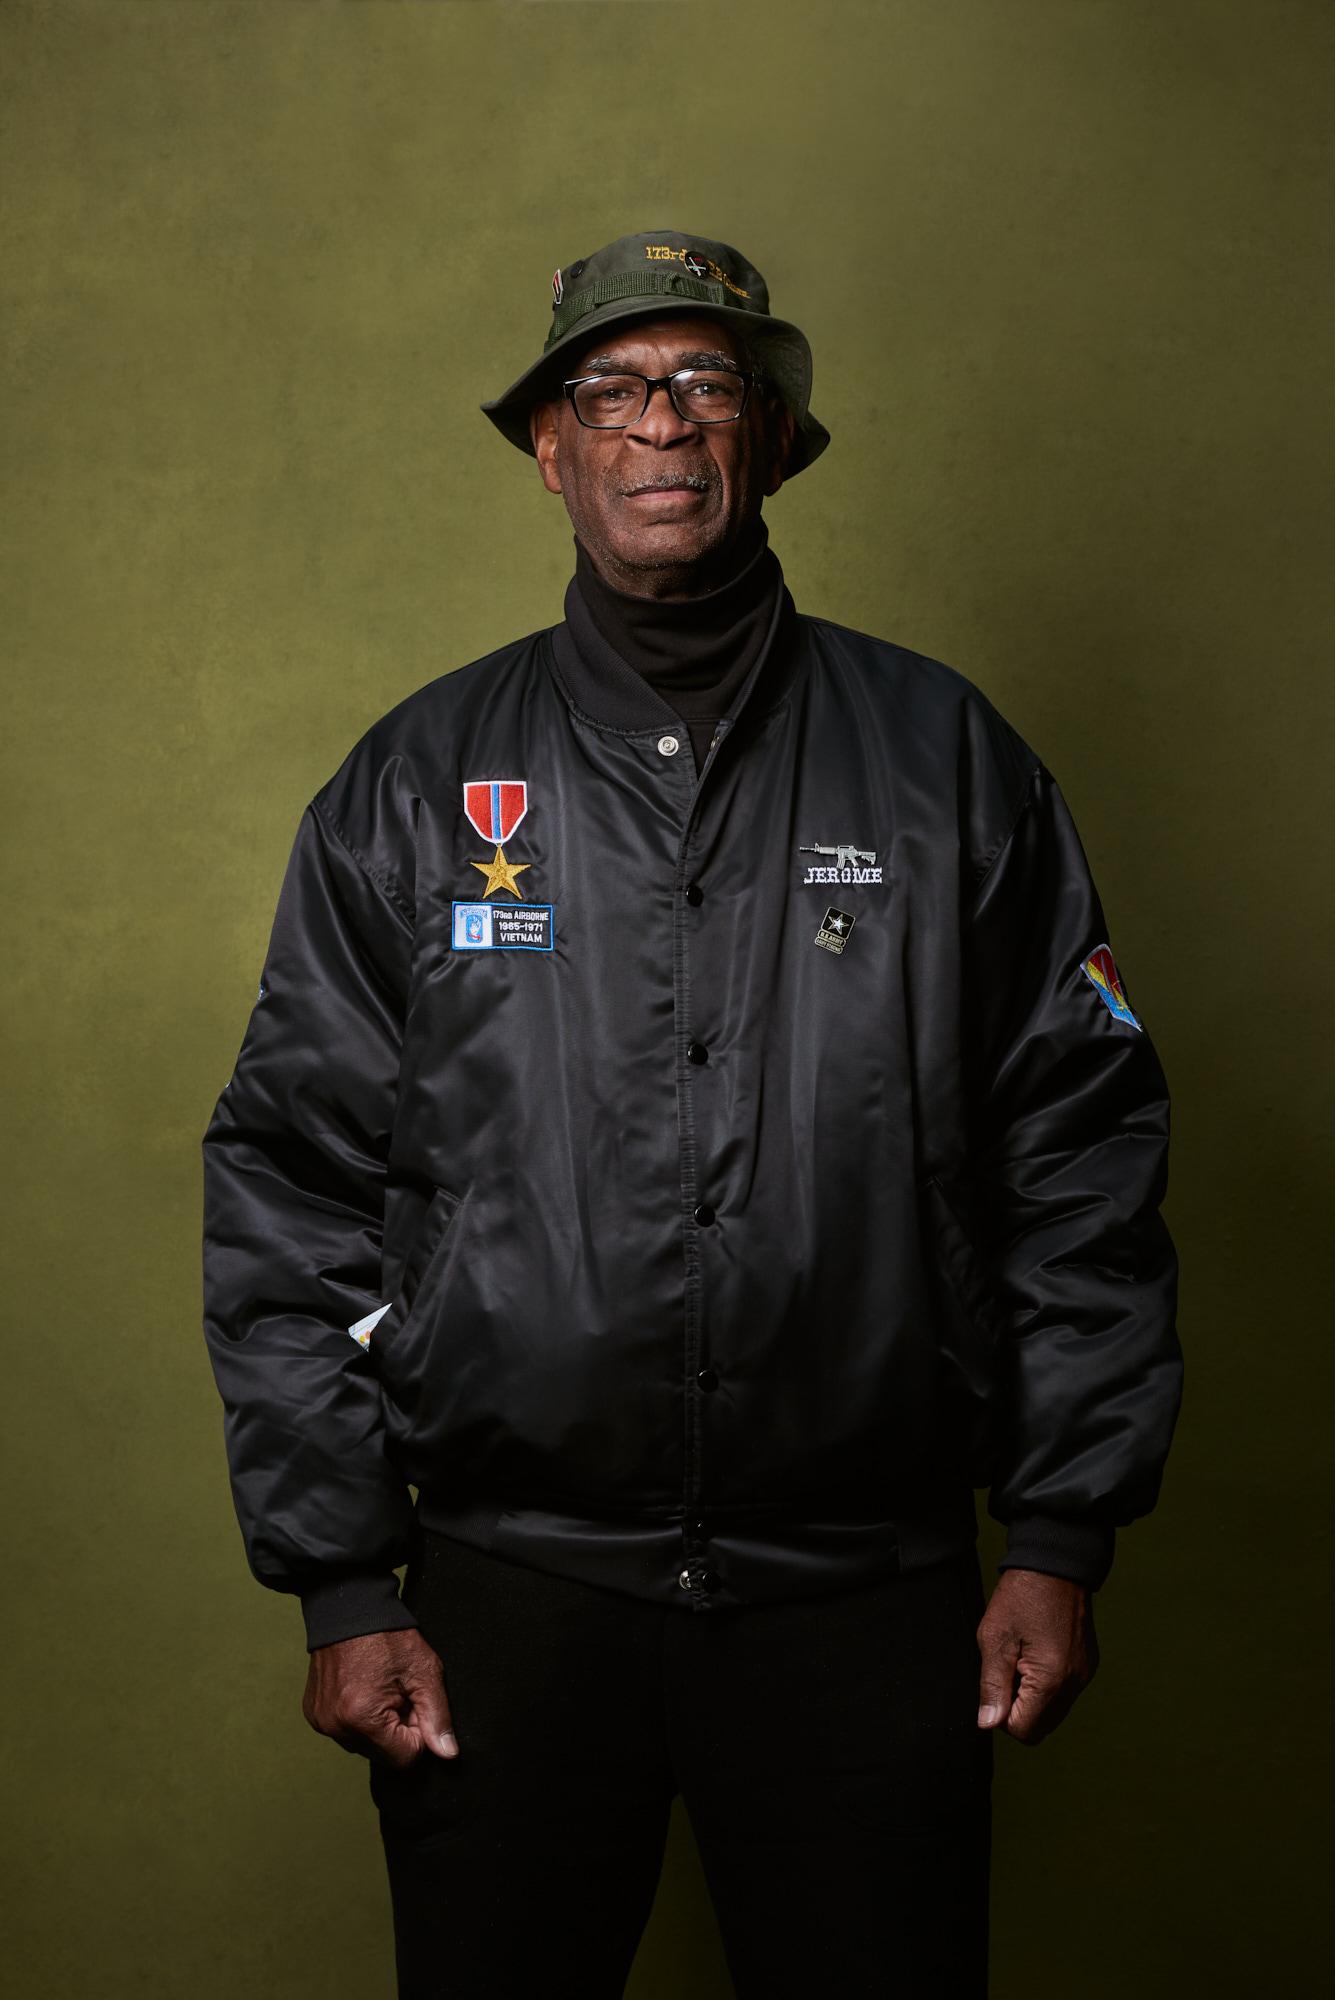 Sergeant Jerome Miller